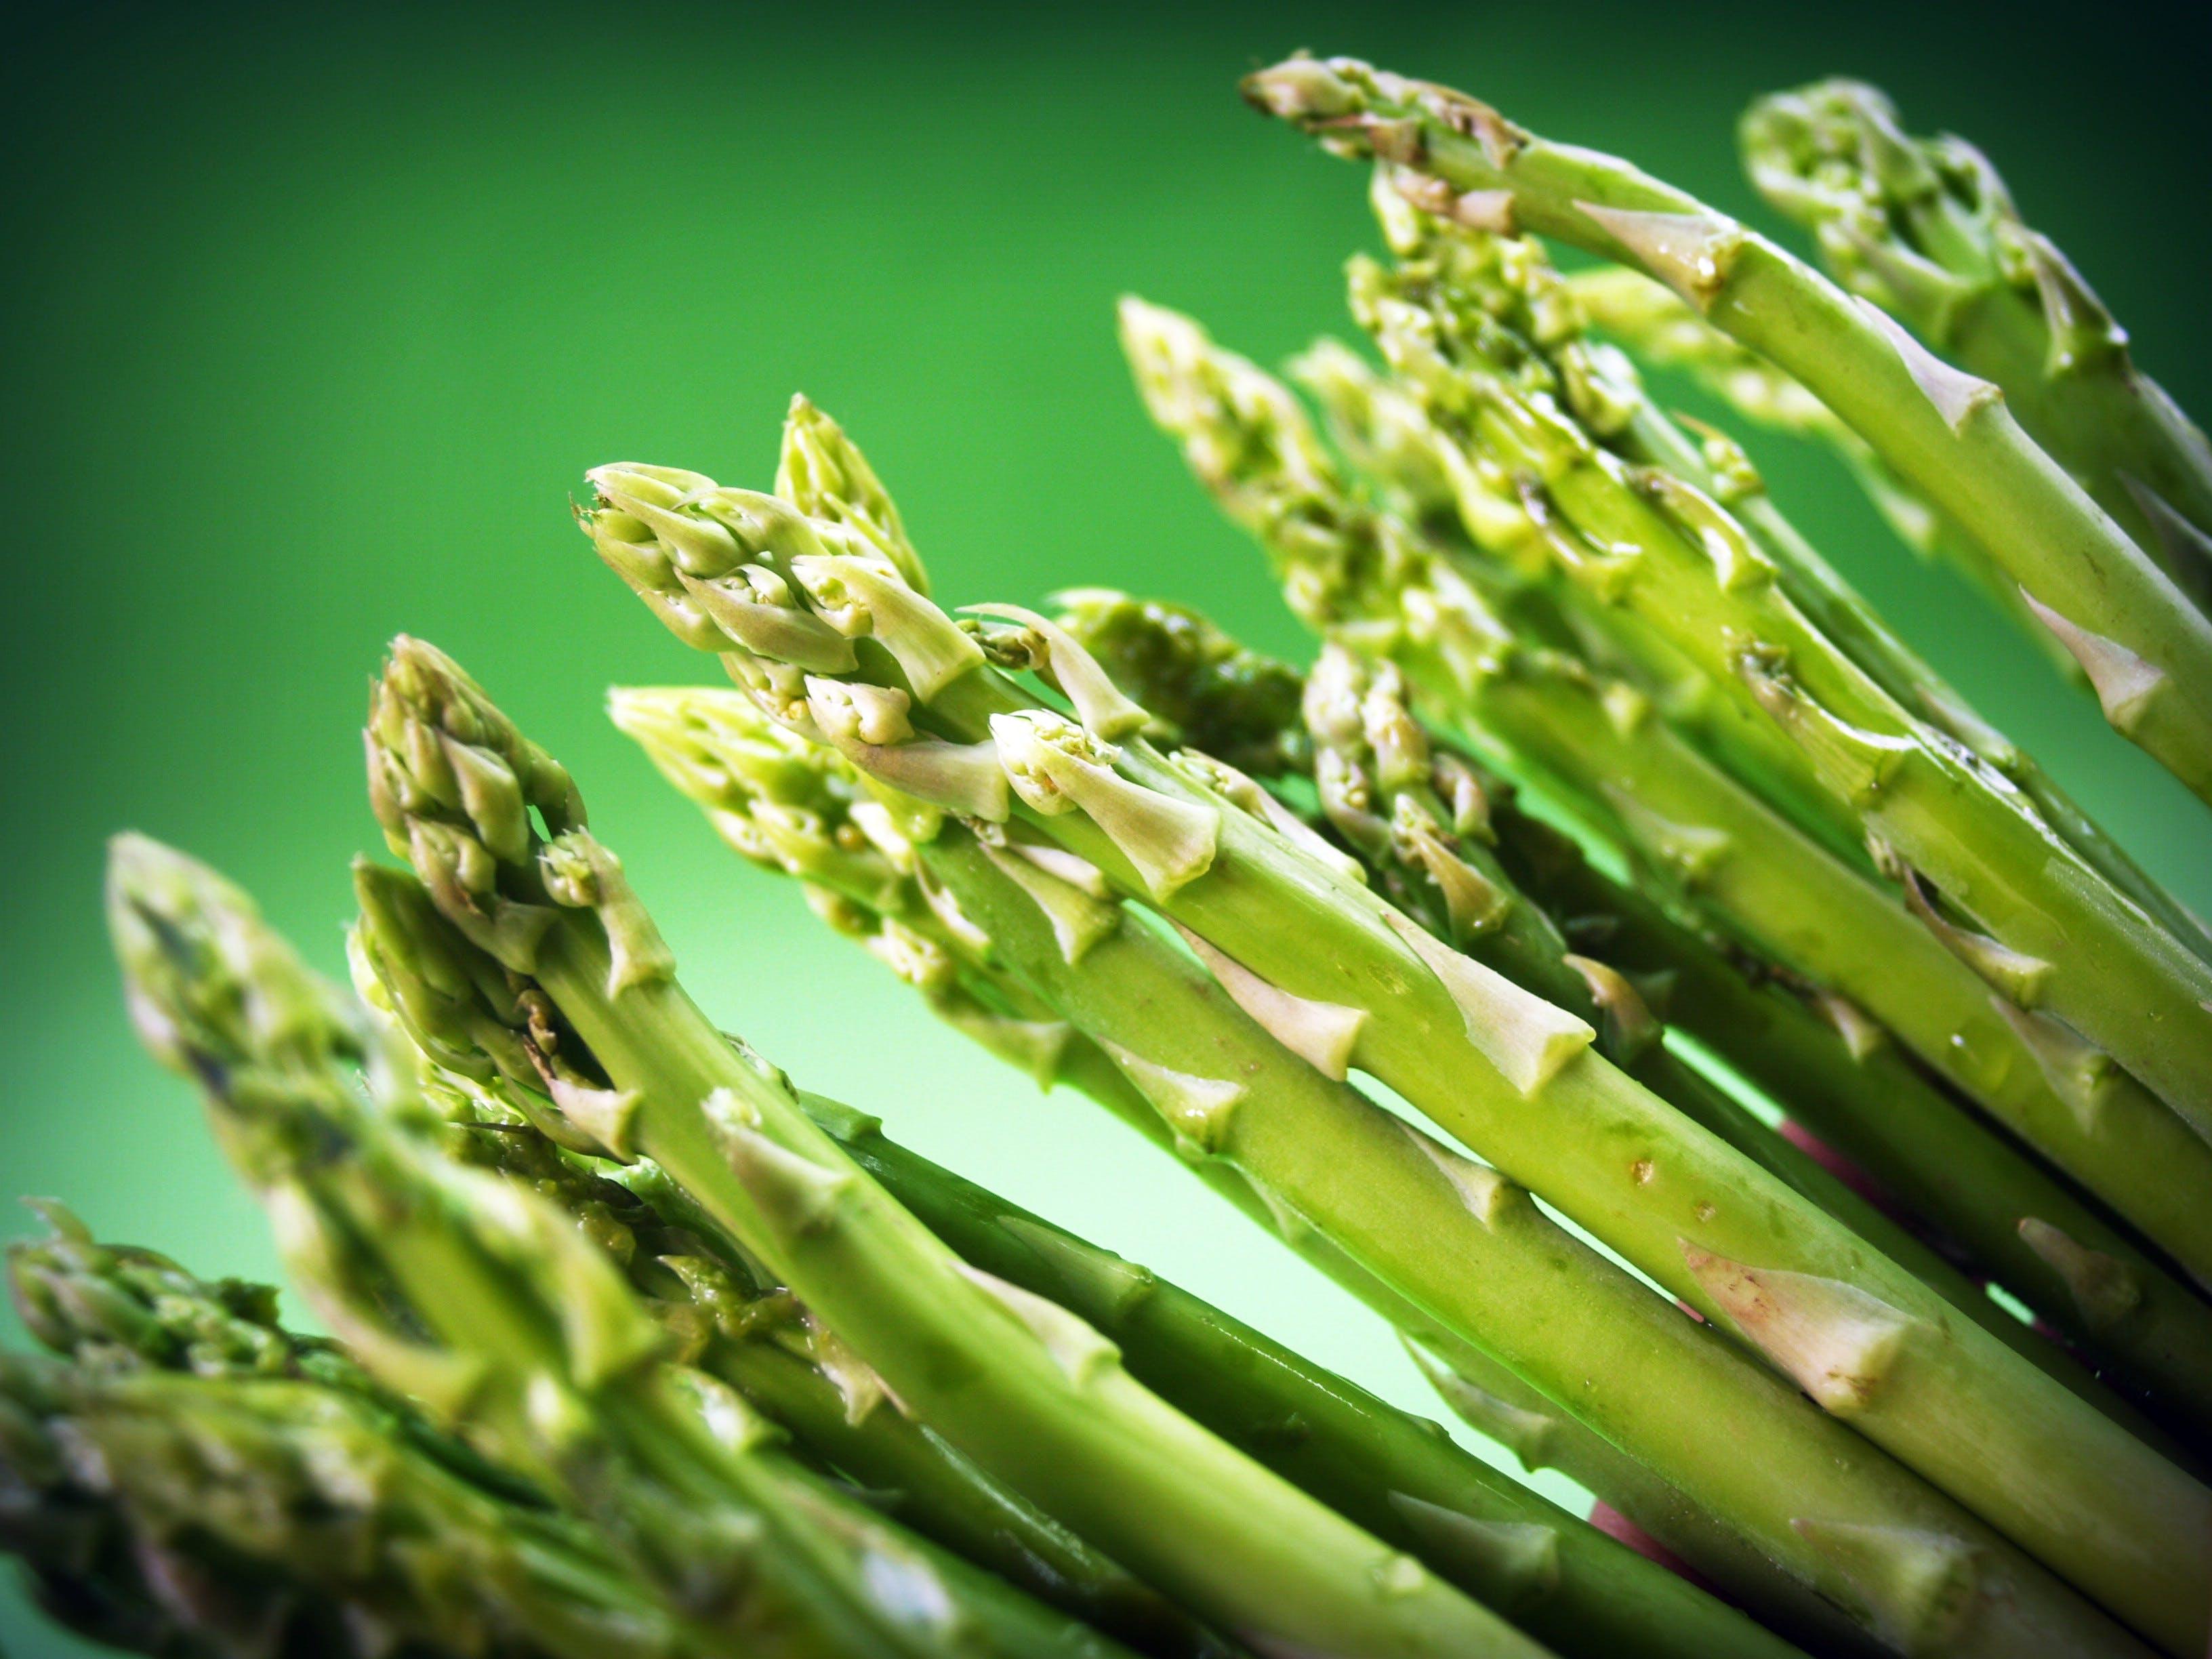 Kostenloses Stock Foto zu botanisch, bündel, diät, ernte